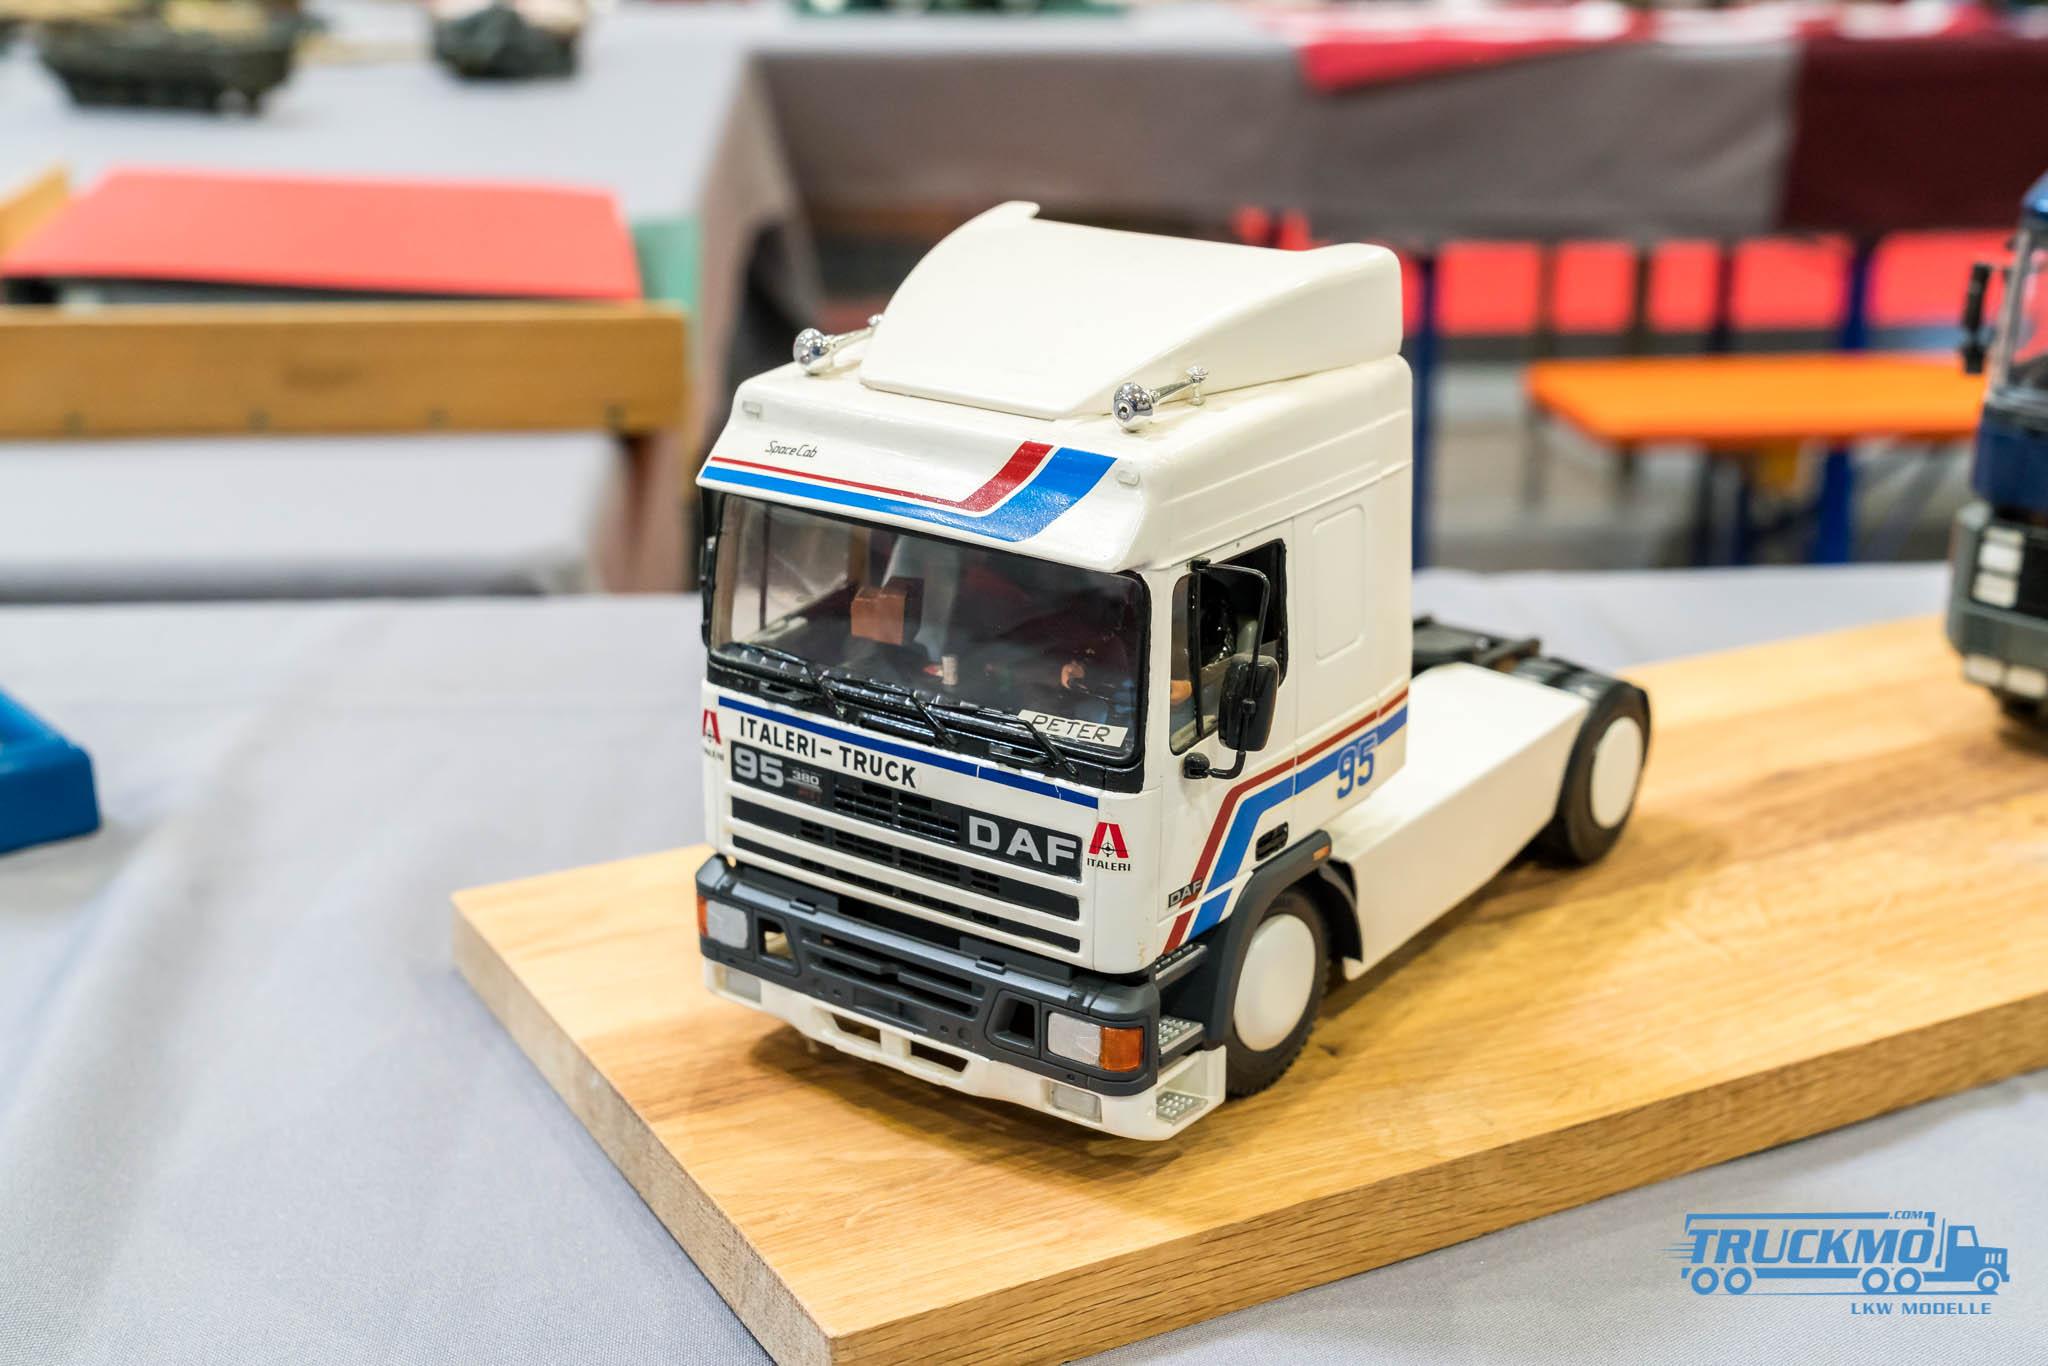 Truckmo_Modellbau_Ried_2017_Herpa_Messe_Modellbauausstellung (534 von 1177)